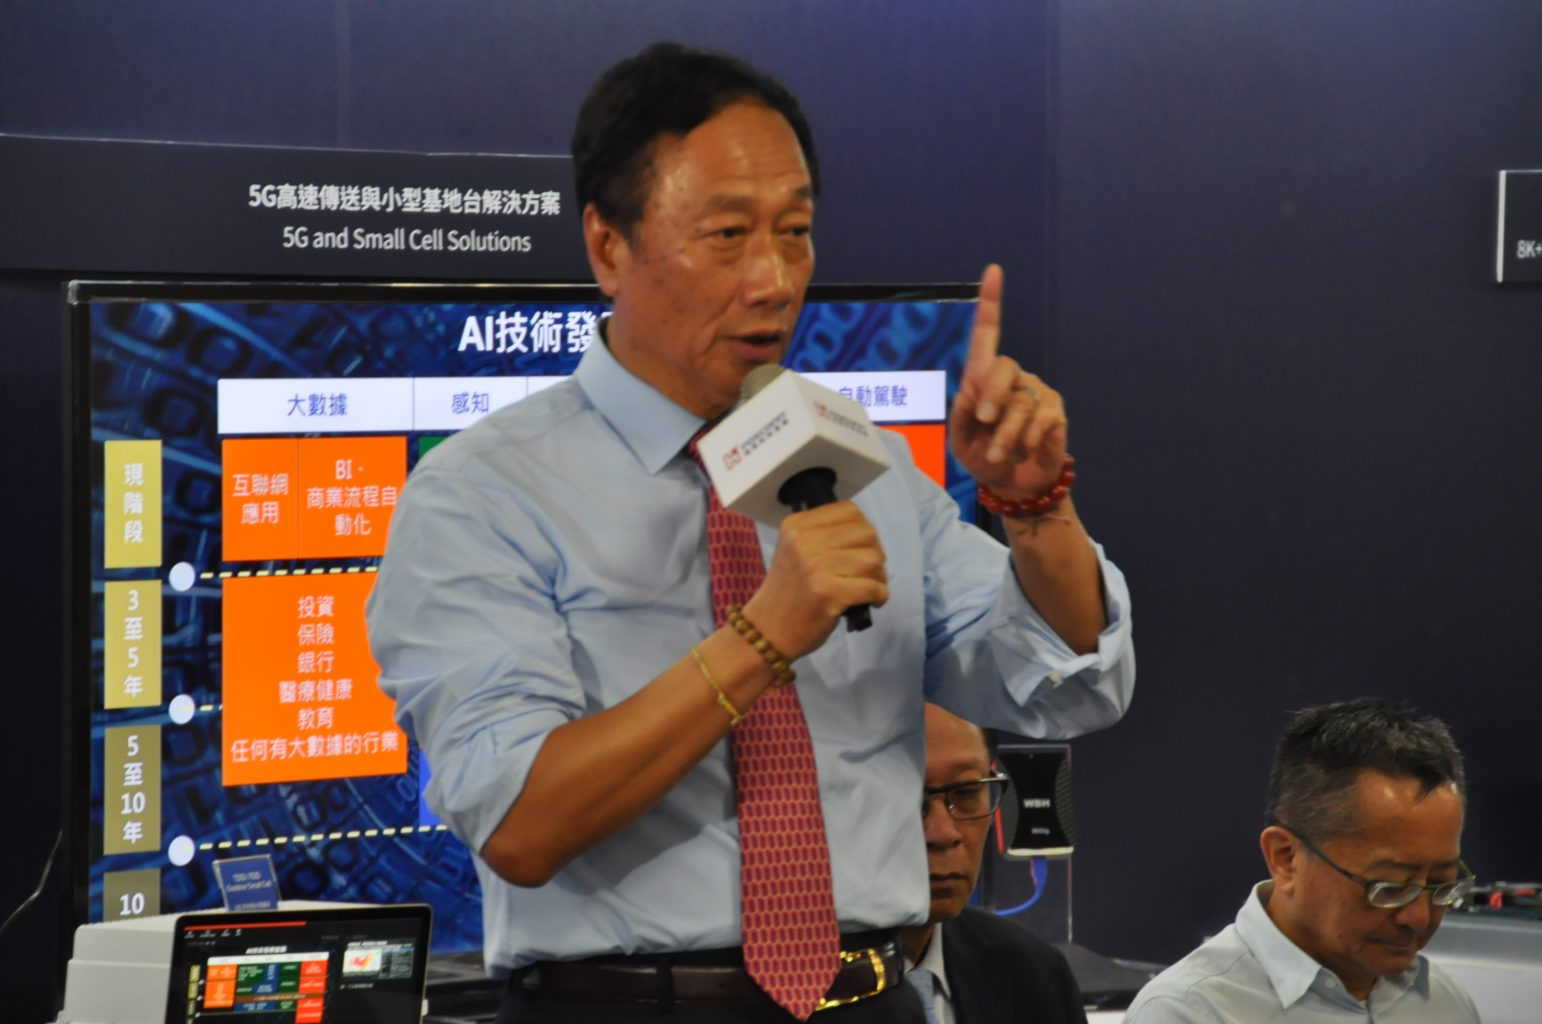 郭台銘 : 鴻海赴美投資最晚八月初確認,投資金額不排除上看百億美元